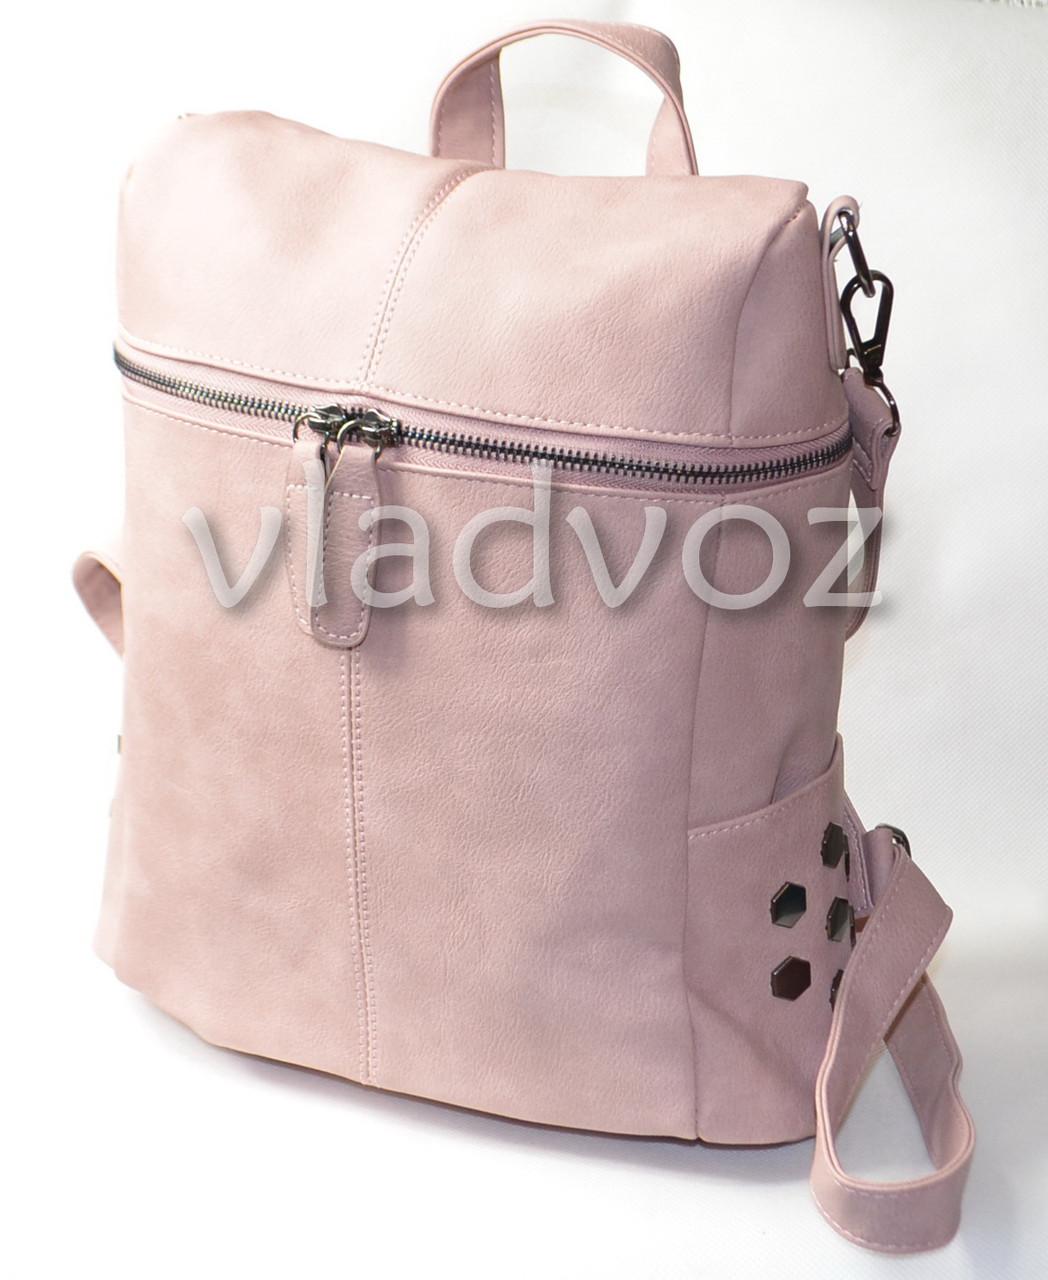 79a6d607ca75 Городской женский молодежный модный стильный рюкзак сумка розовый -  интернет-магазин vladvozsklad киевстар 0681044912,